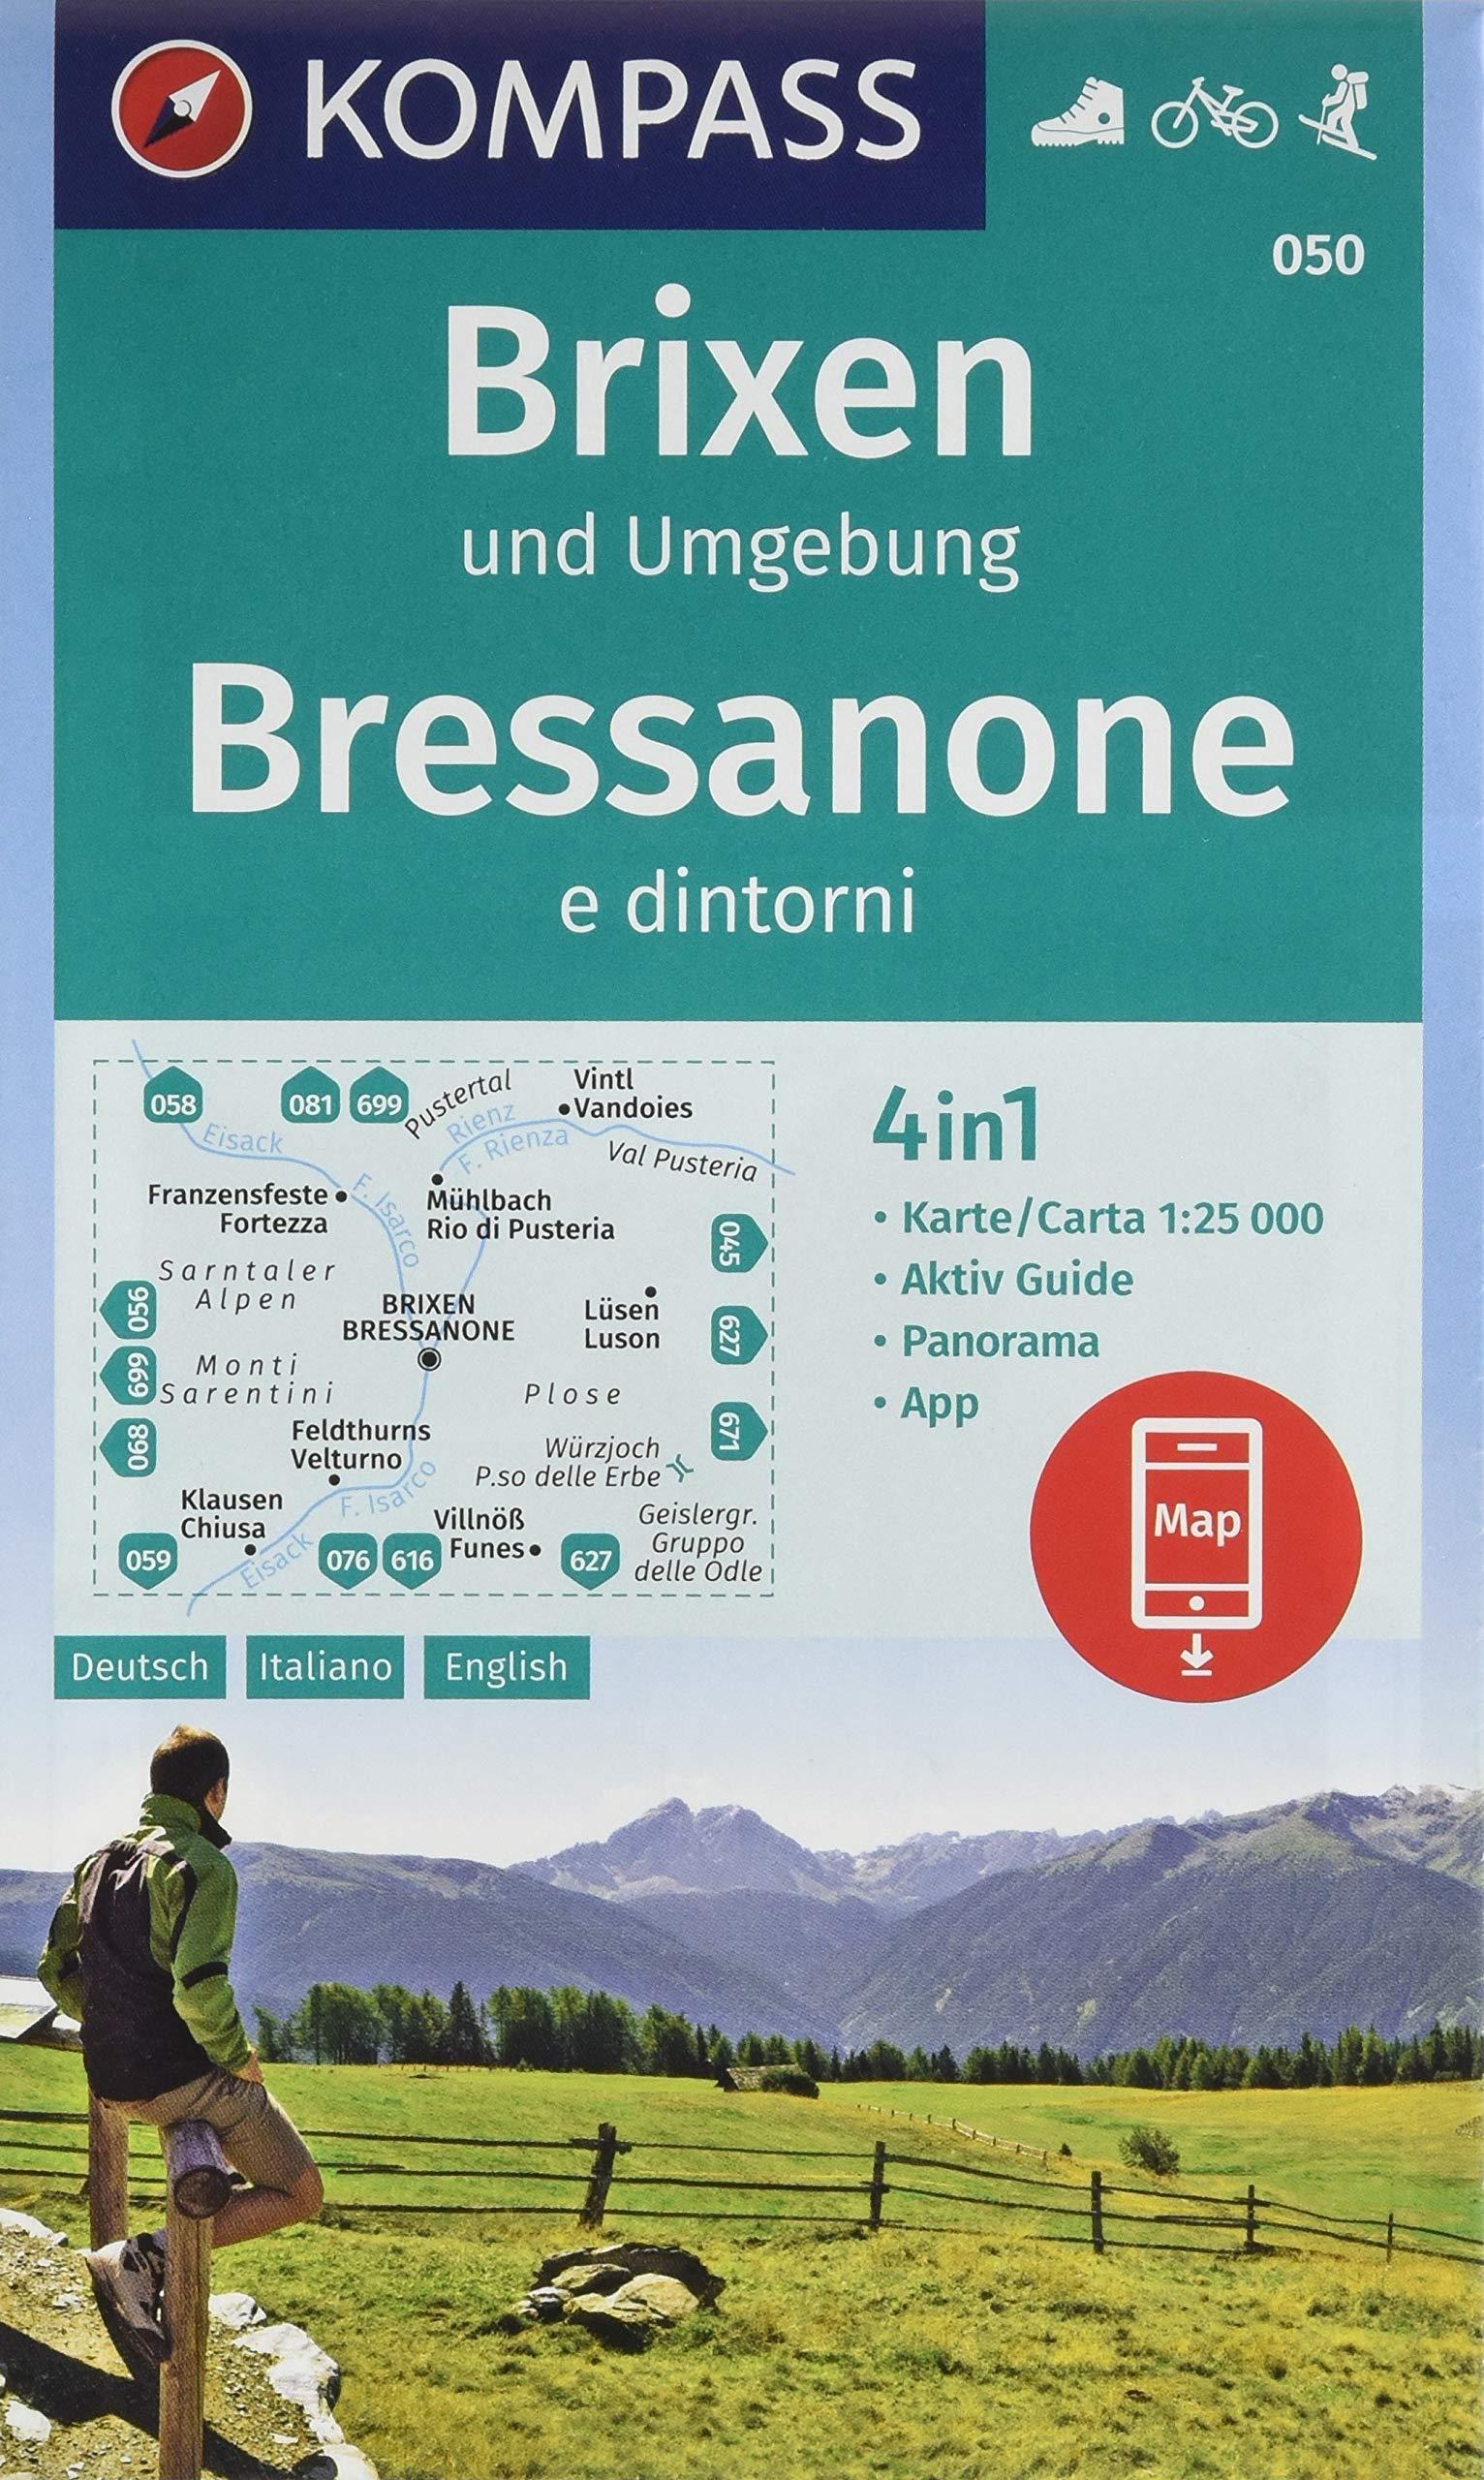 Brixen und Umgebung, Bressanone e dintorni: 4in1 Wanderkarte 1:25000 mit Panorama und Aktiv Guide inklusive Karte zur offline Verwendung in der ... Skitouren. (KOMPASS-Wanderkarten, Band 50) Landkarte – Folded Map, 2. Juli 2018 KOMPASS-Karten GmbH 39904447